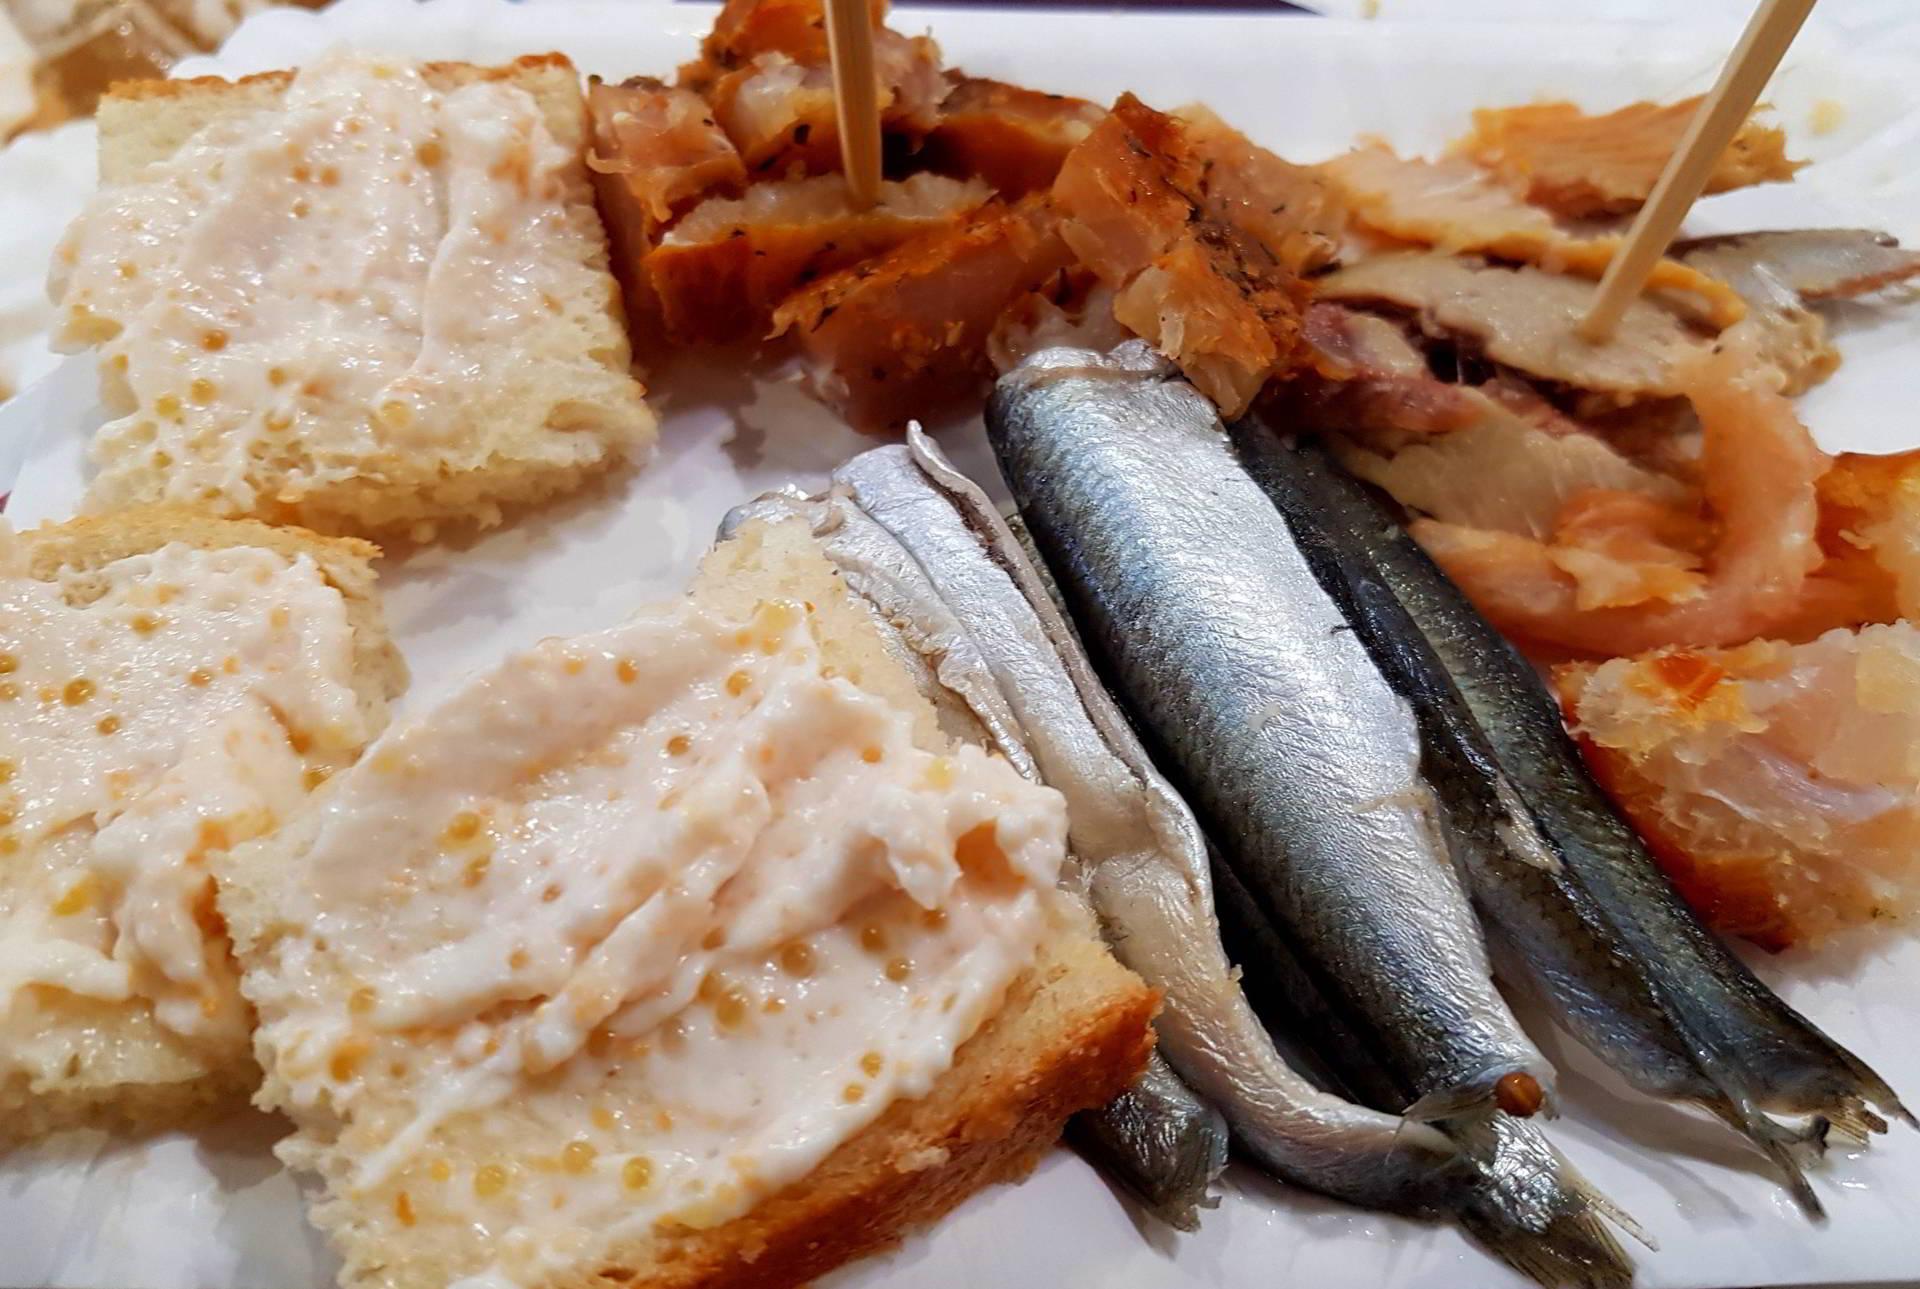 Județul Tulcea rupe gura Târgului de Turism, prin naturalețe, gastronomie și tradiții